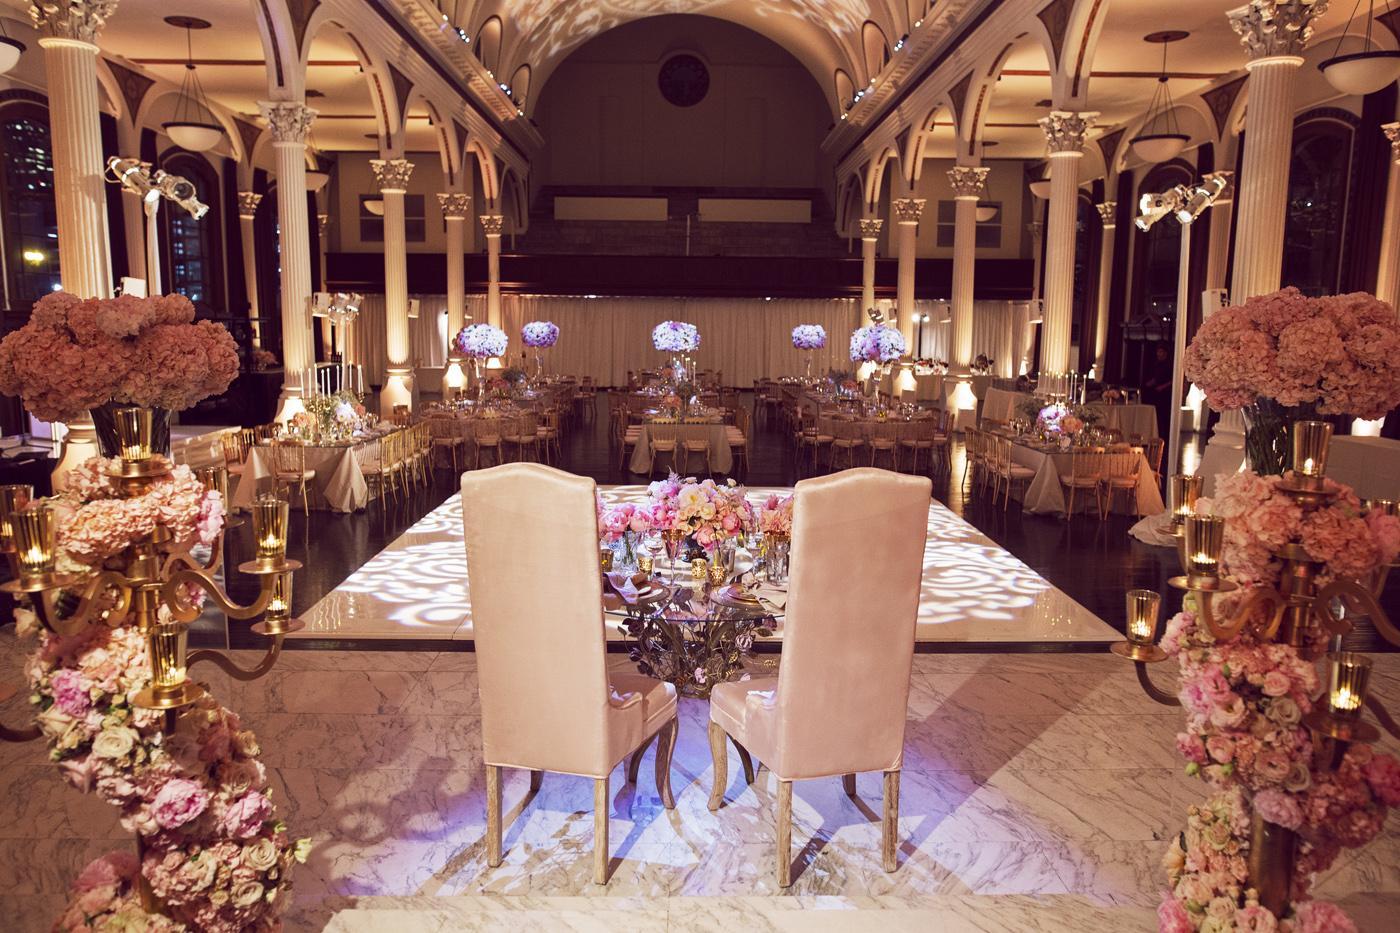 048_DukePhotography_DukeImages_Wedding_Details.jpg